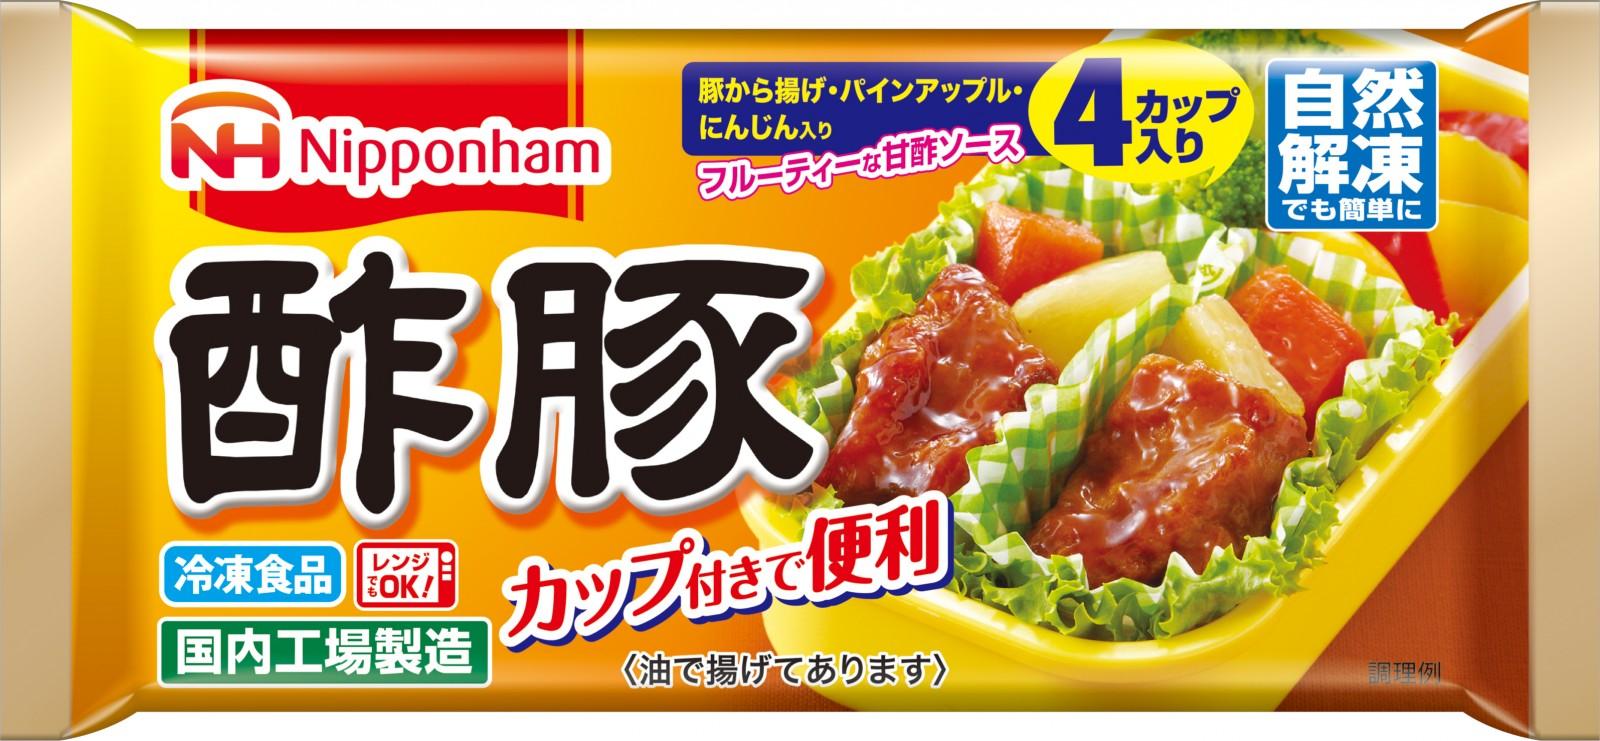 """パイナップルは""""アリ""""か""""ナシ""""かの論争を経てお弁当用「酢豚」。ピザも!ニッポンハム肉系冷凍食品"""